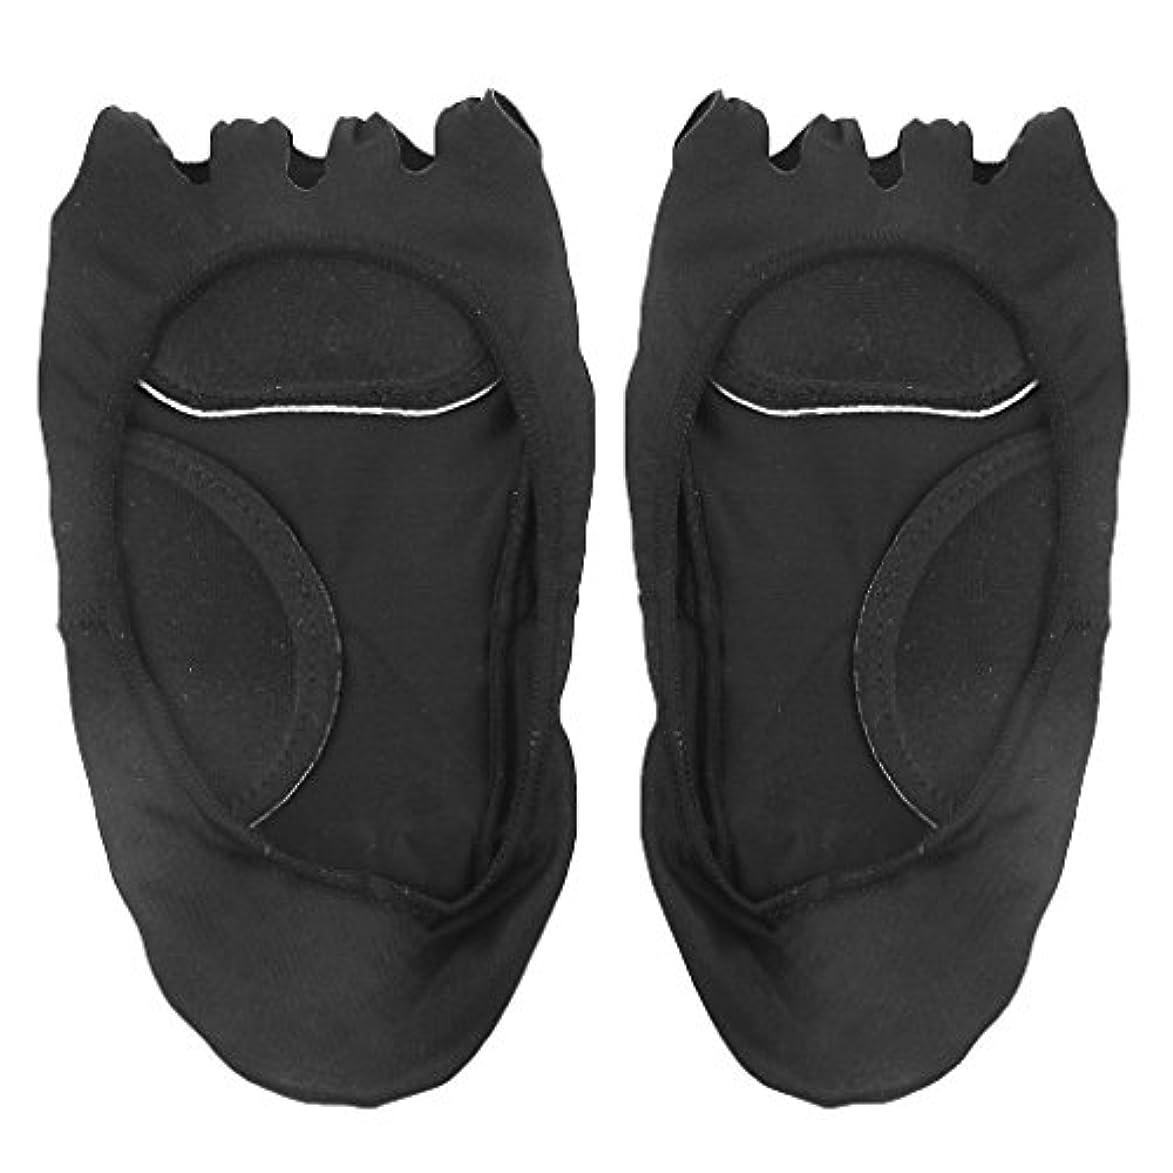 禁輸どこにでも助言する【Footful】ソックス 靴下 5つ本指つま先 ボートソックス マッサージパッド 見えない 滑り止め アンクルソックス (ブラック)